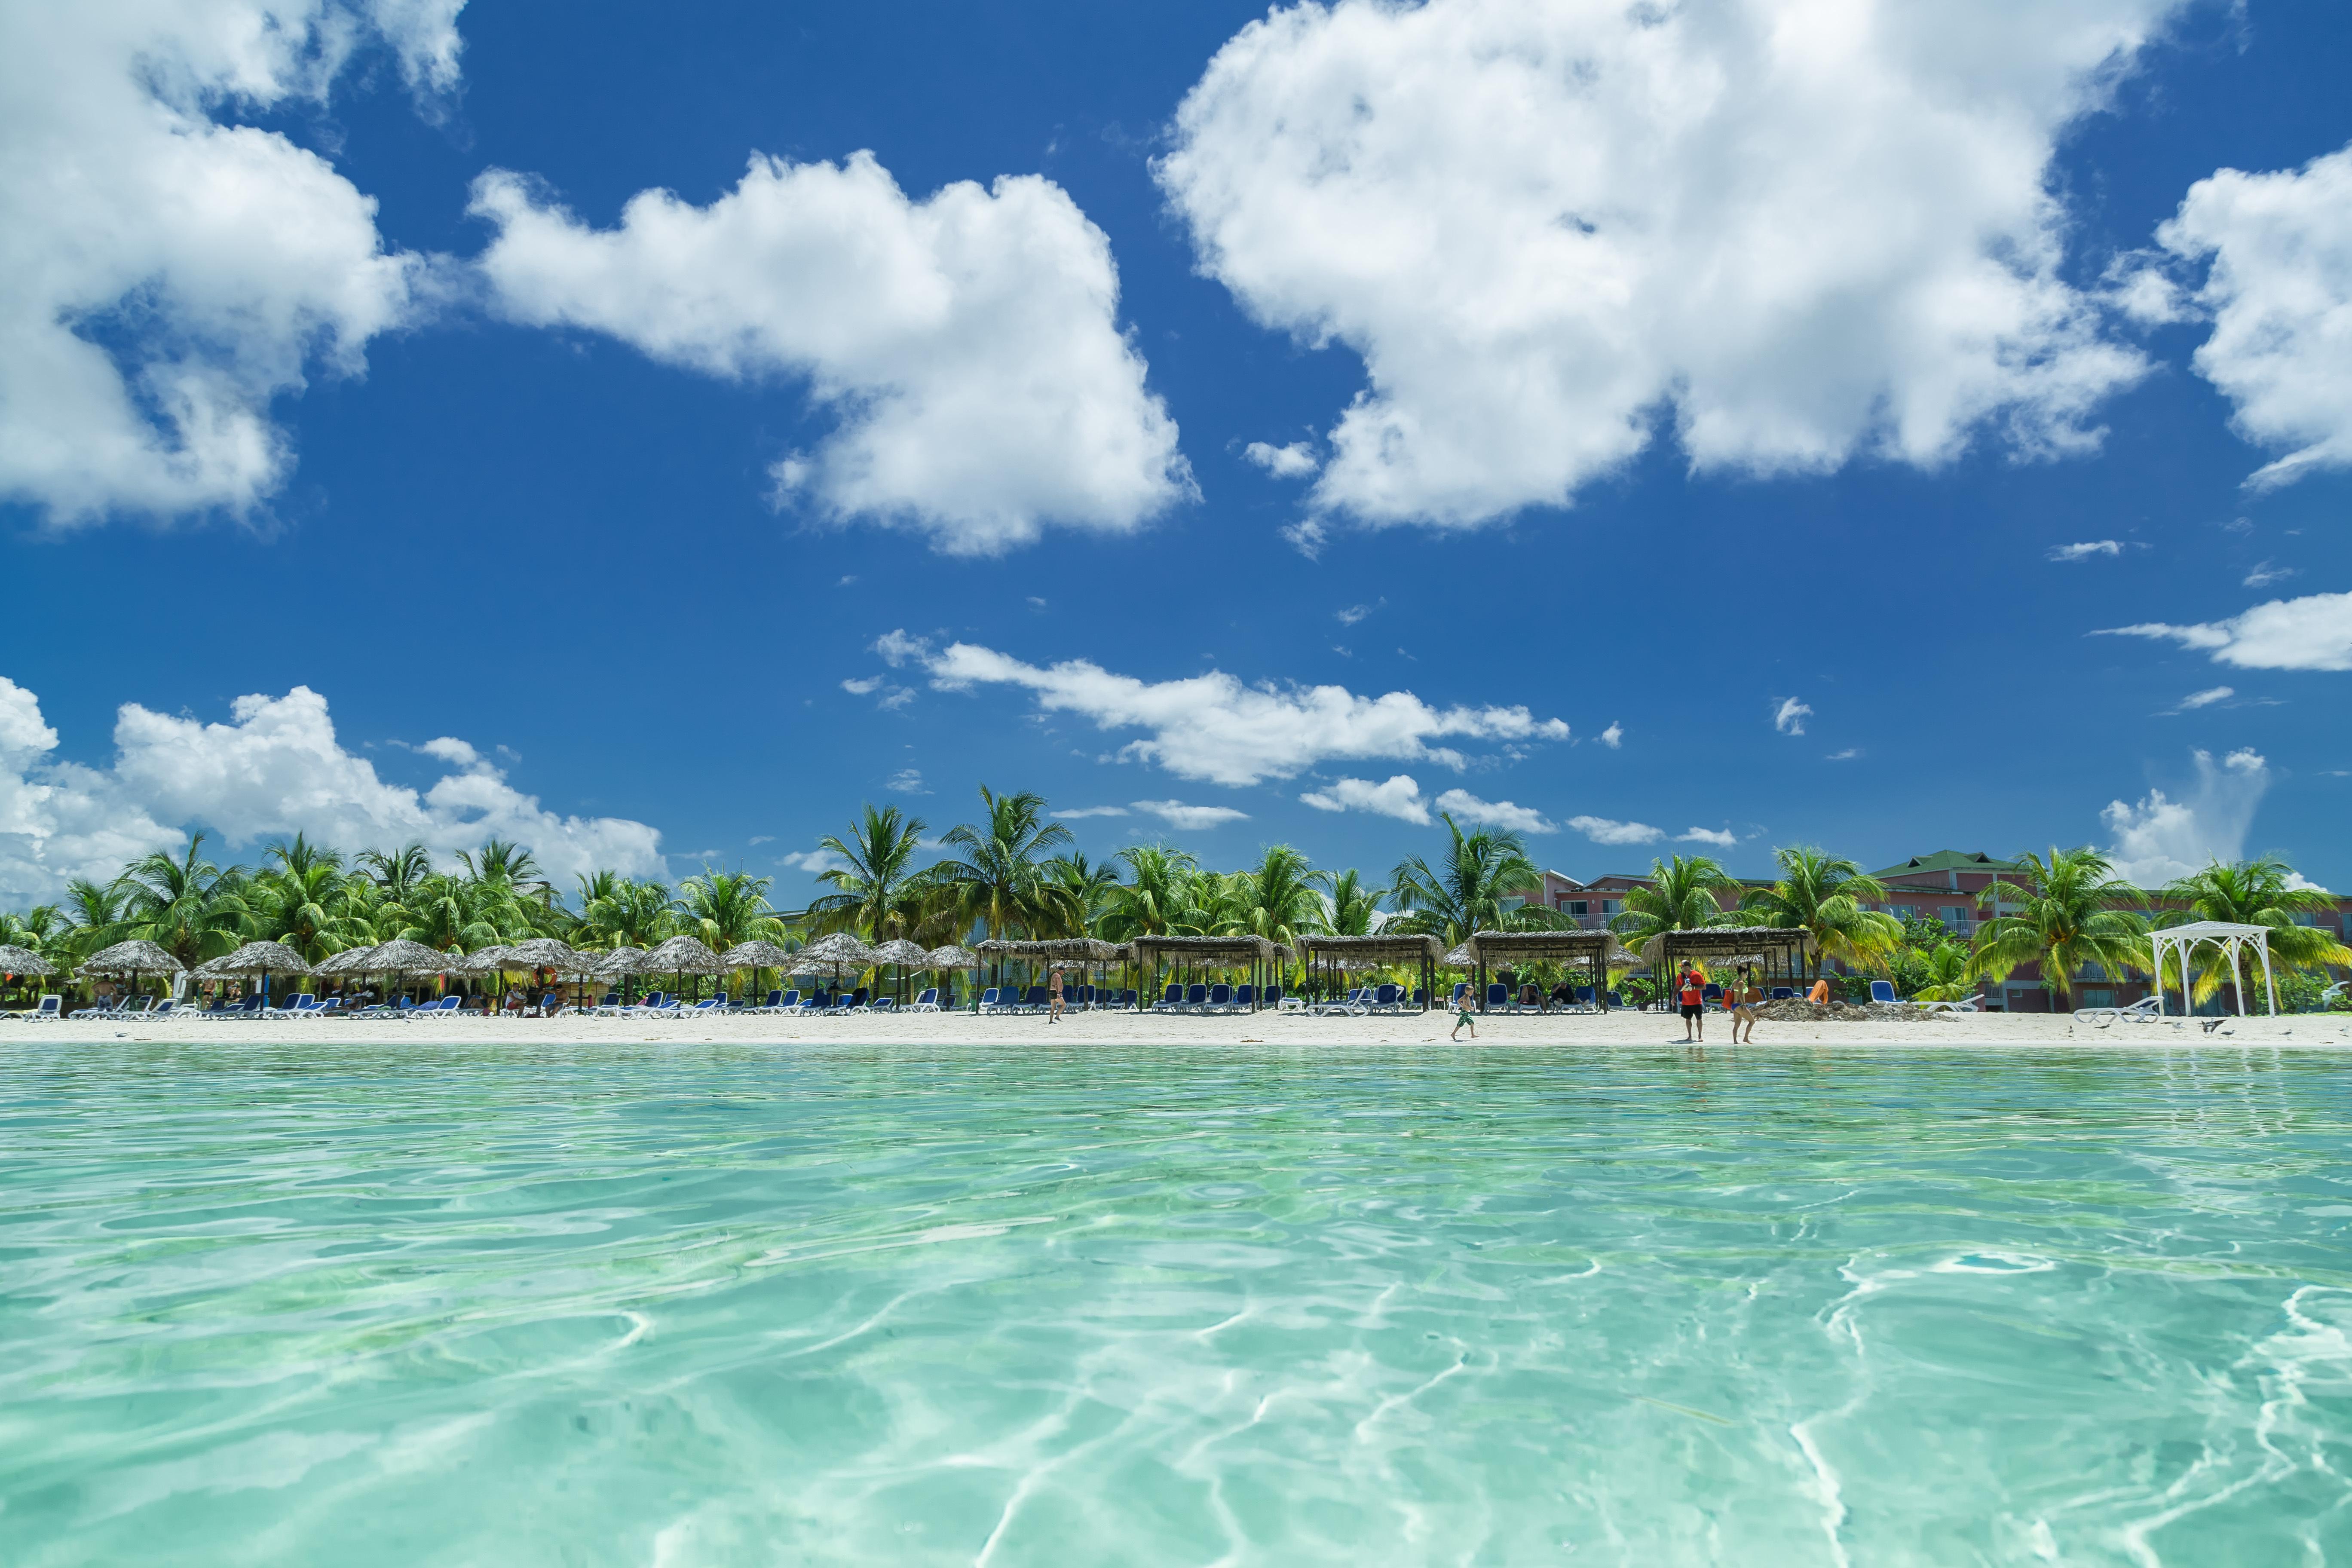 Cayo Coco es una isla tropical de la cadena Jardines del Rey, de la región central de Cuba. Es conocida por sus playas de arena blanca y los arrecifes de coral; y por su costa norte donde se afincan los balnearios all inclusive